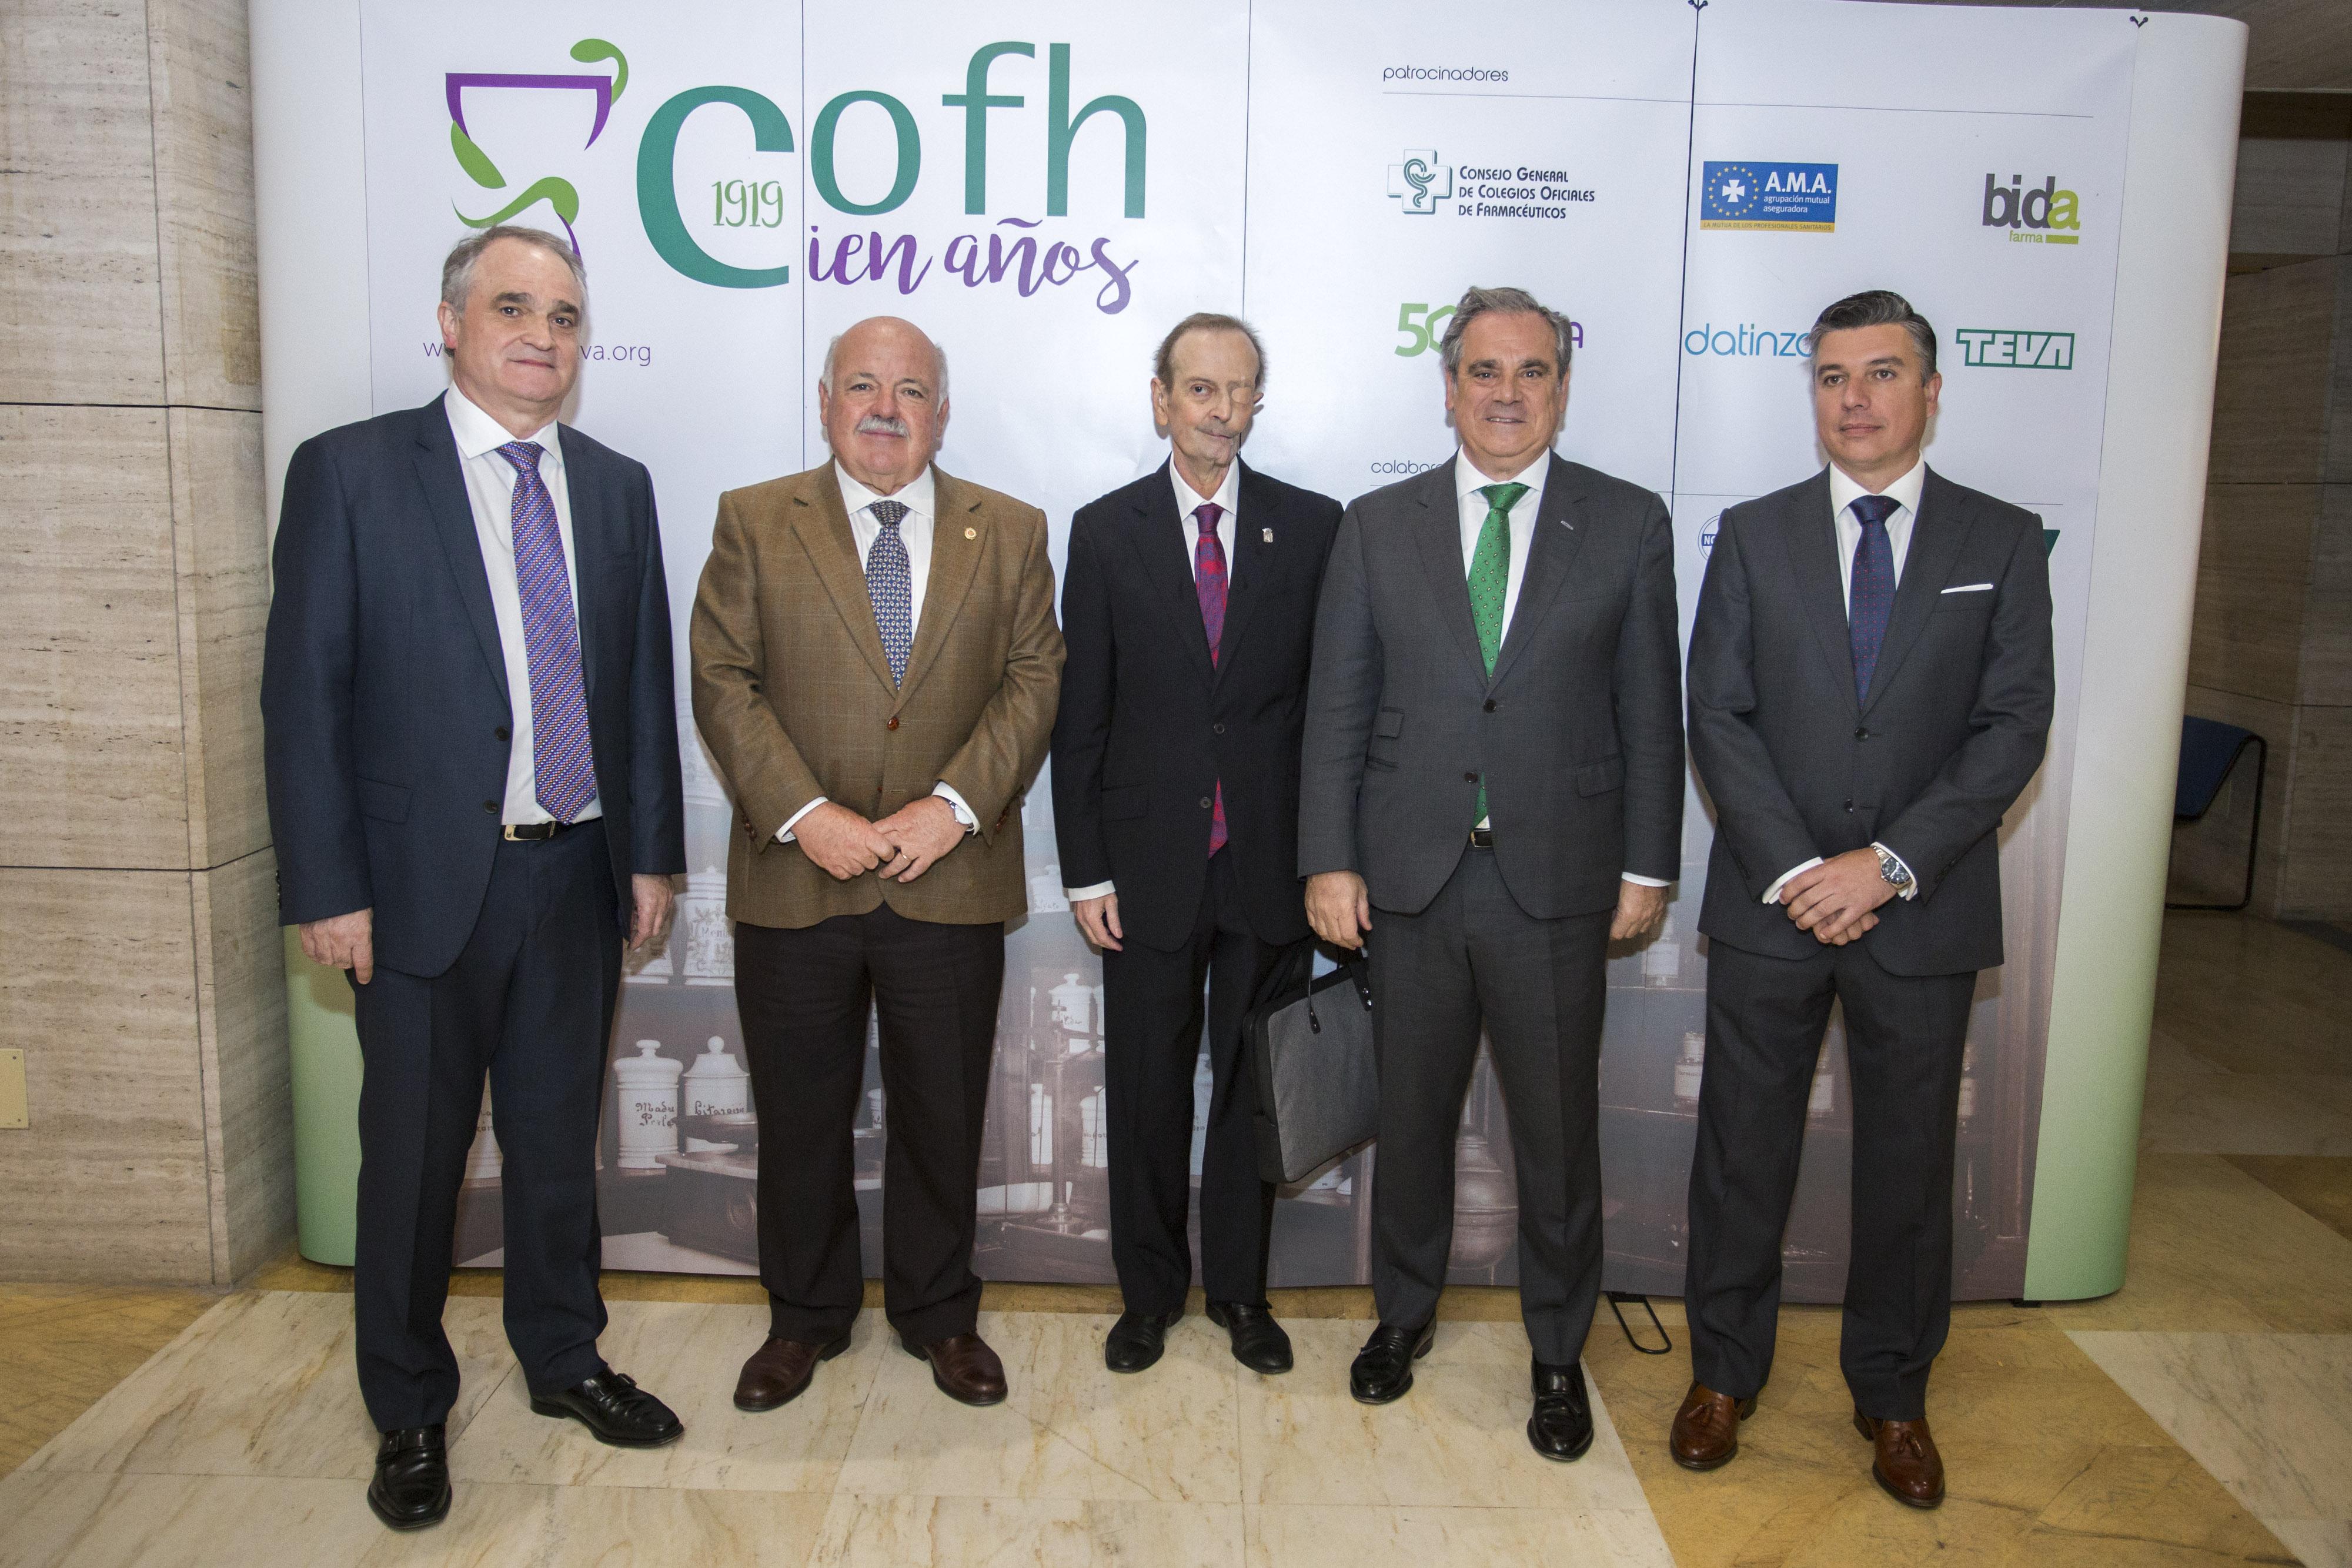 El Colegio de Farmacéuticos de Huelva inicia la celebración de su centenario poniendo en valor su compromiso con la salud de la sociedad onubense